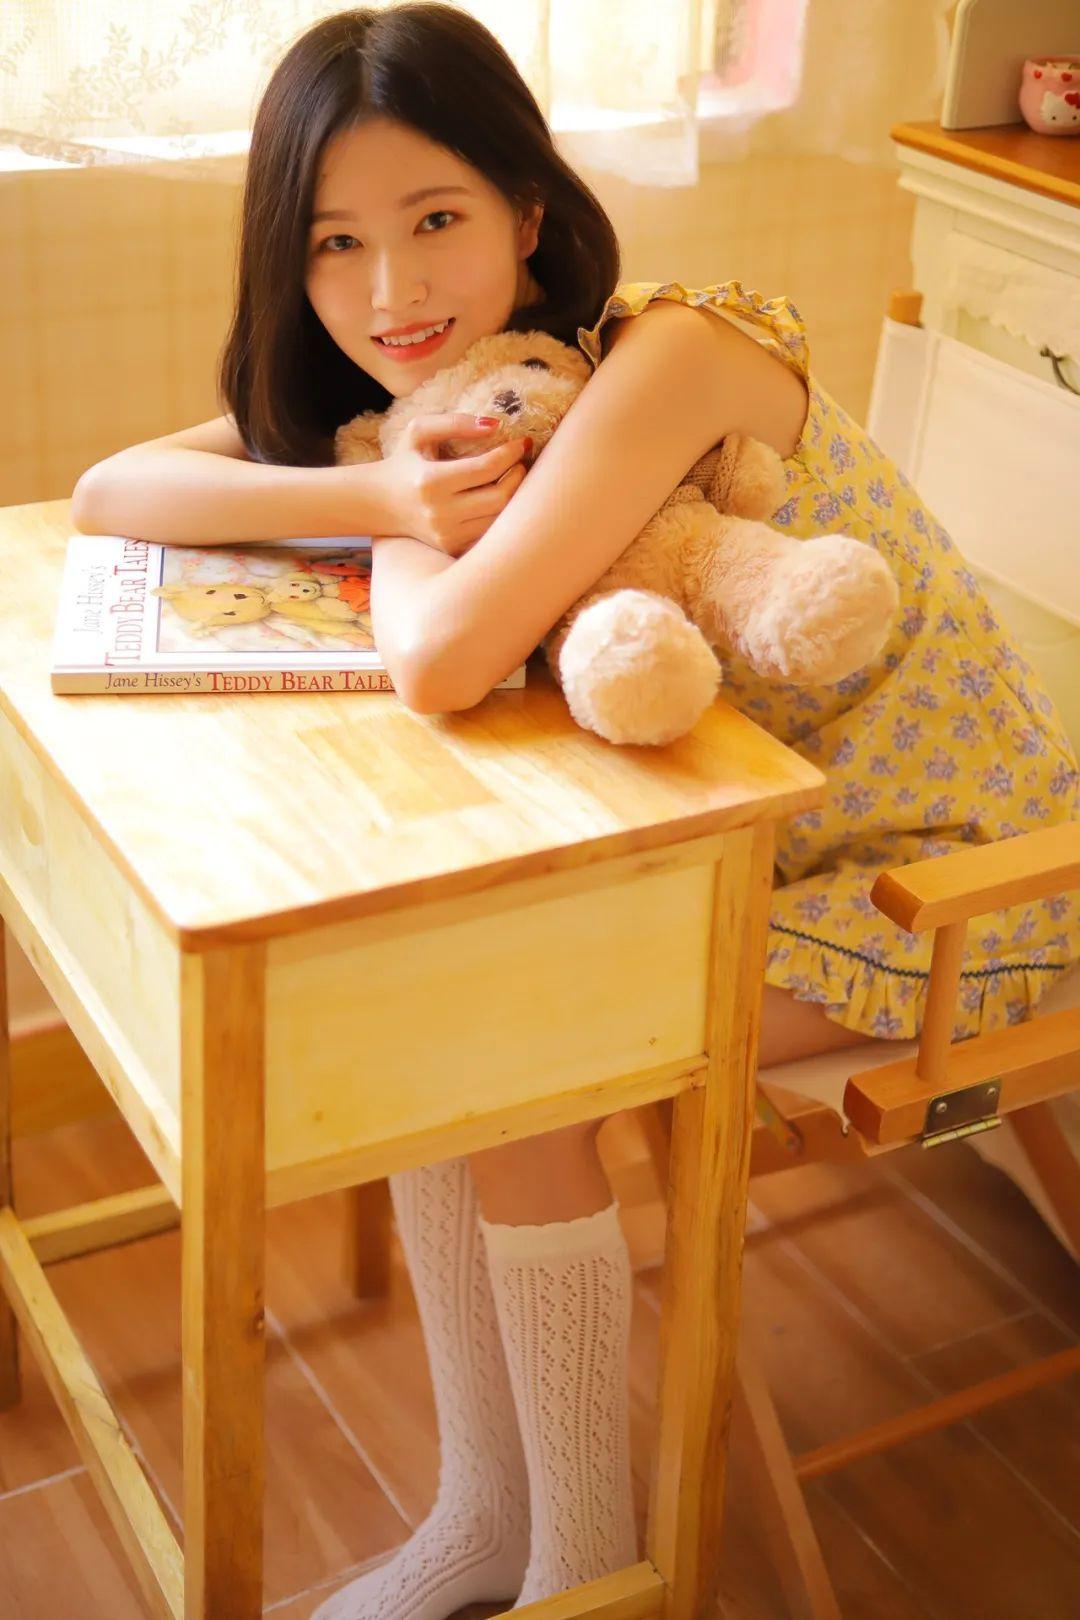 妹子摄影 – 笑起来真好看的连衣裙虎牙妹妹_图片 No.4